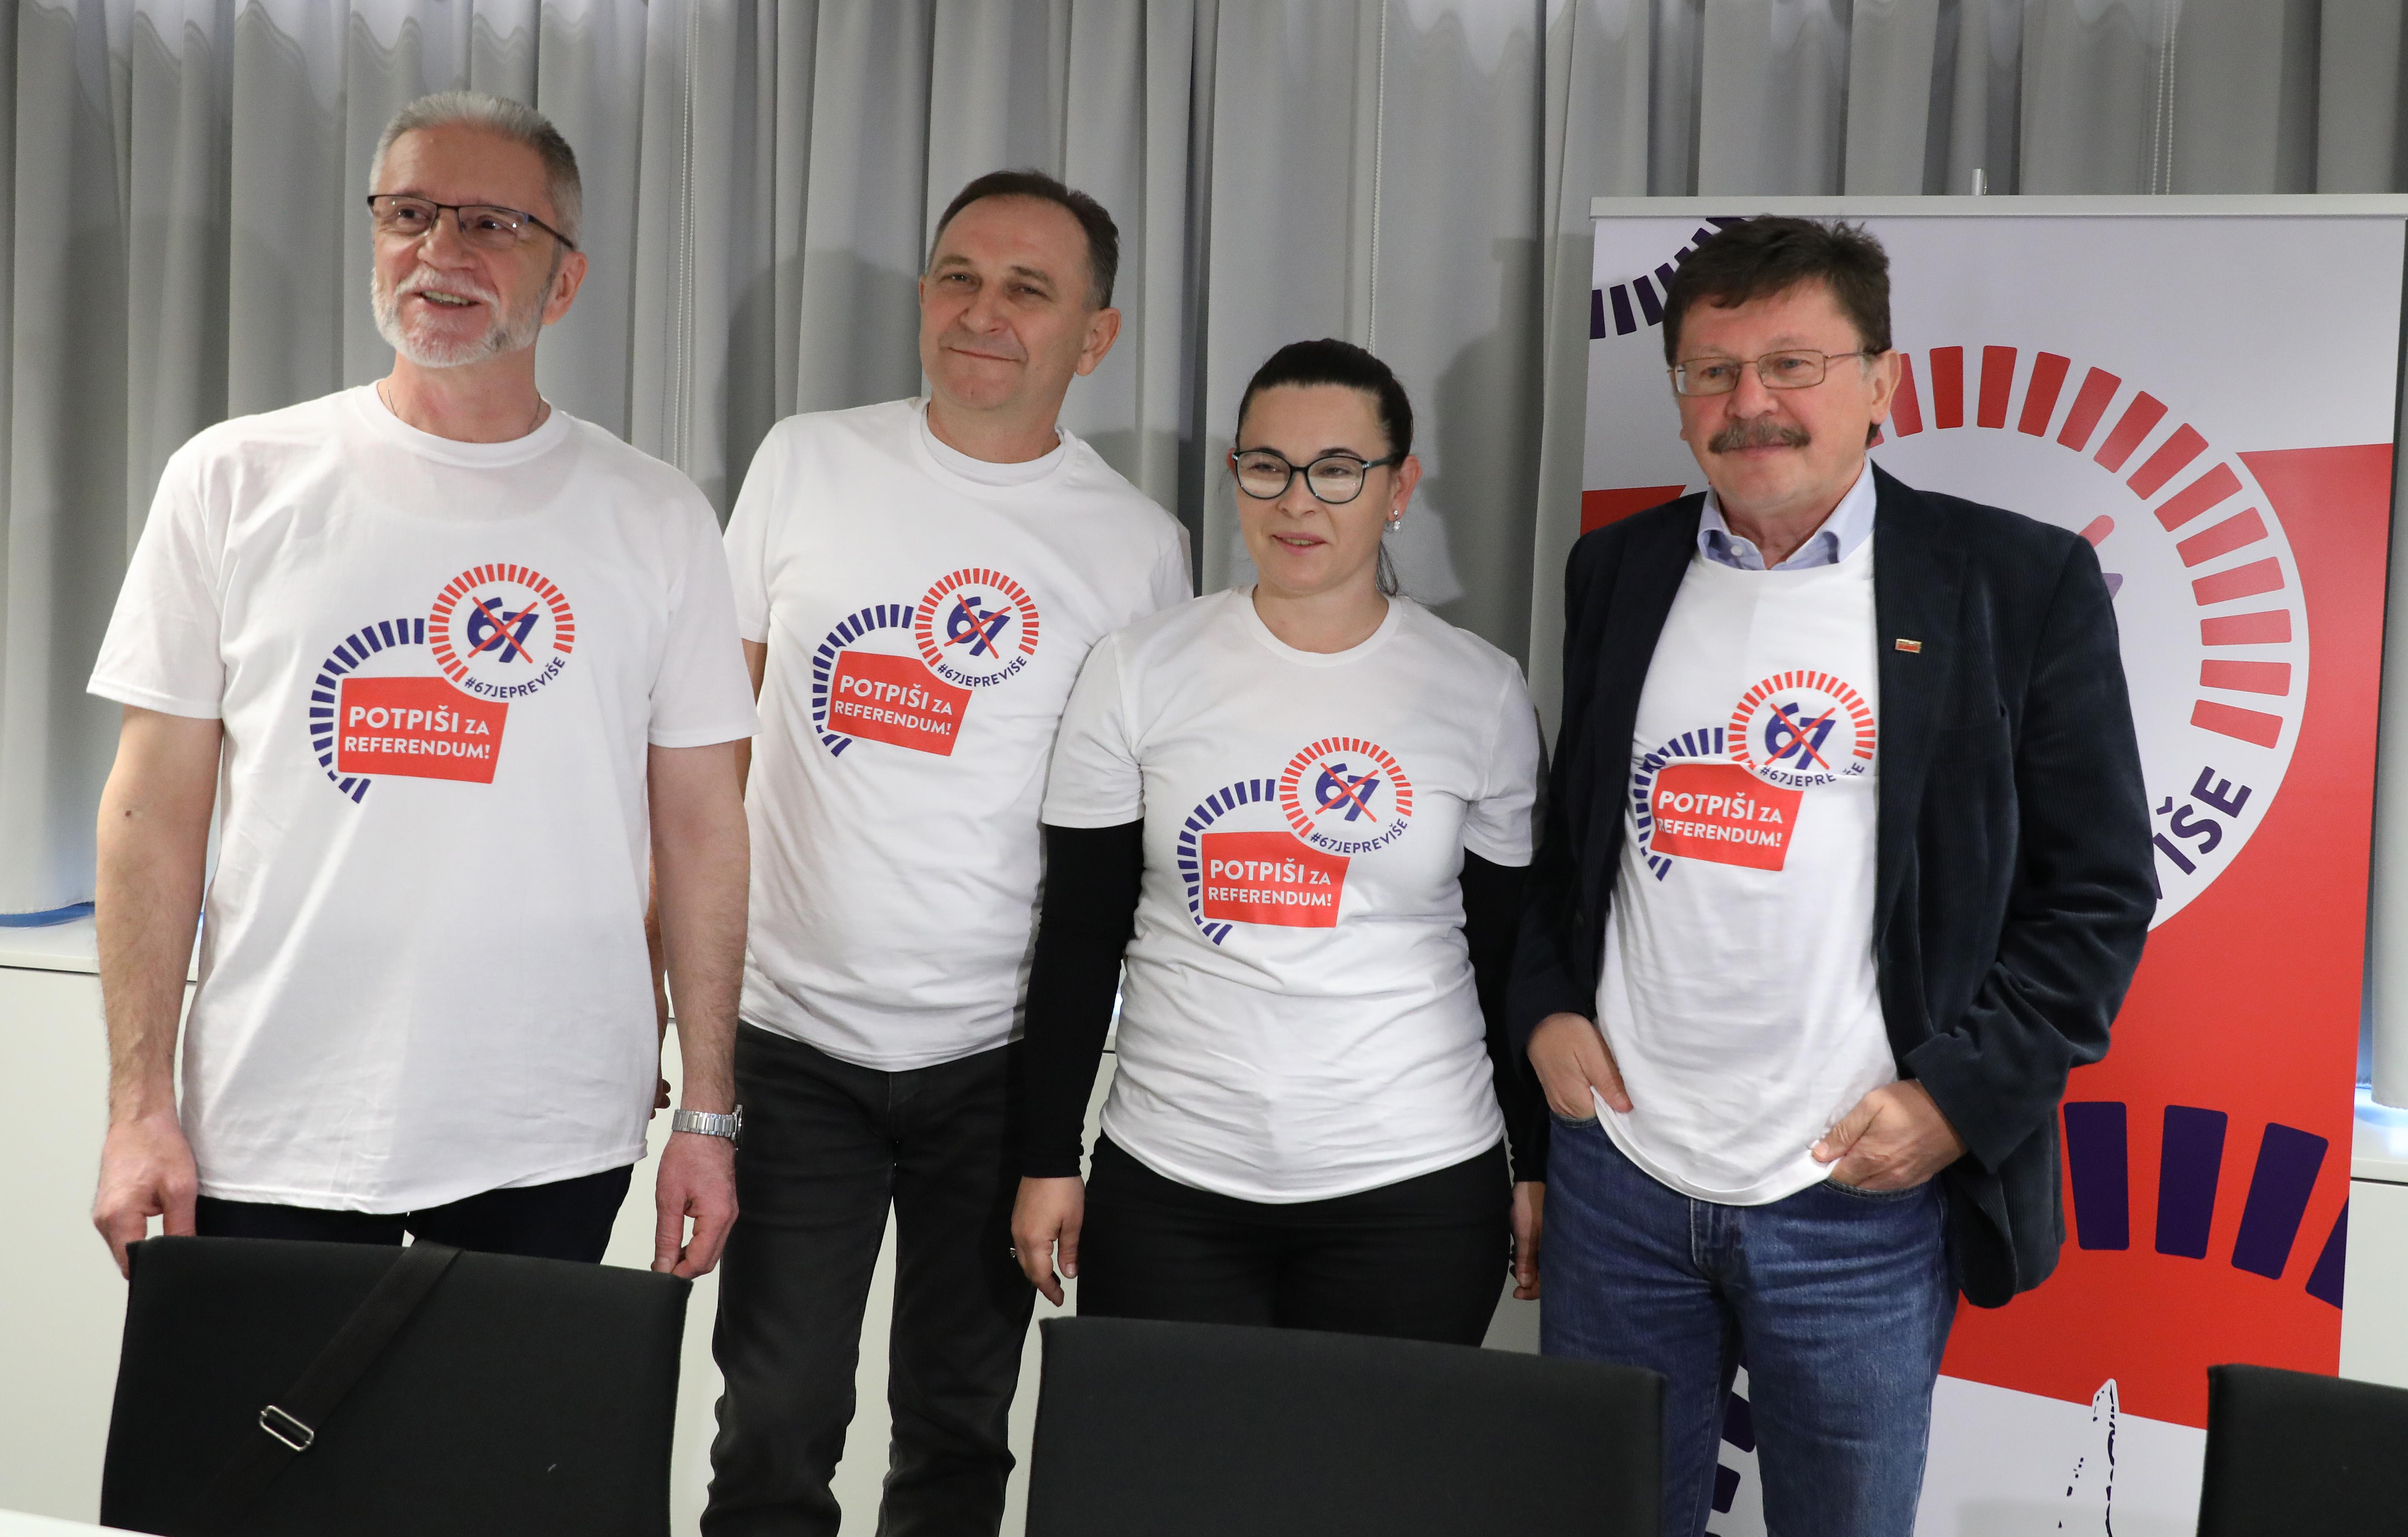 (FOTO) Pokreće se referendumska inicijativa koja se protivi odlasku u mirovinu sa 67 godina: '67 je previše'